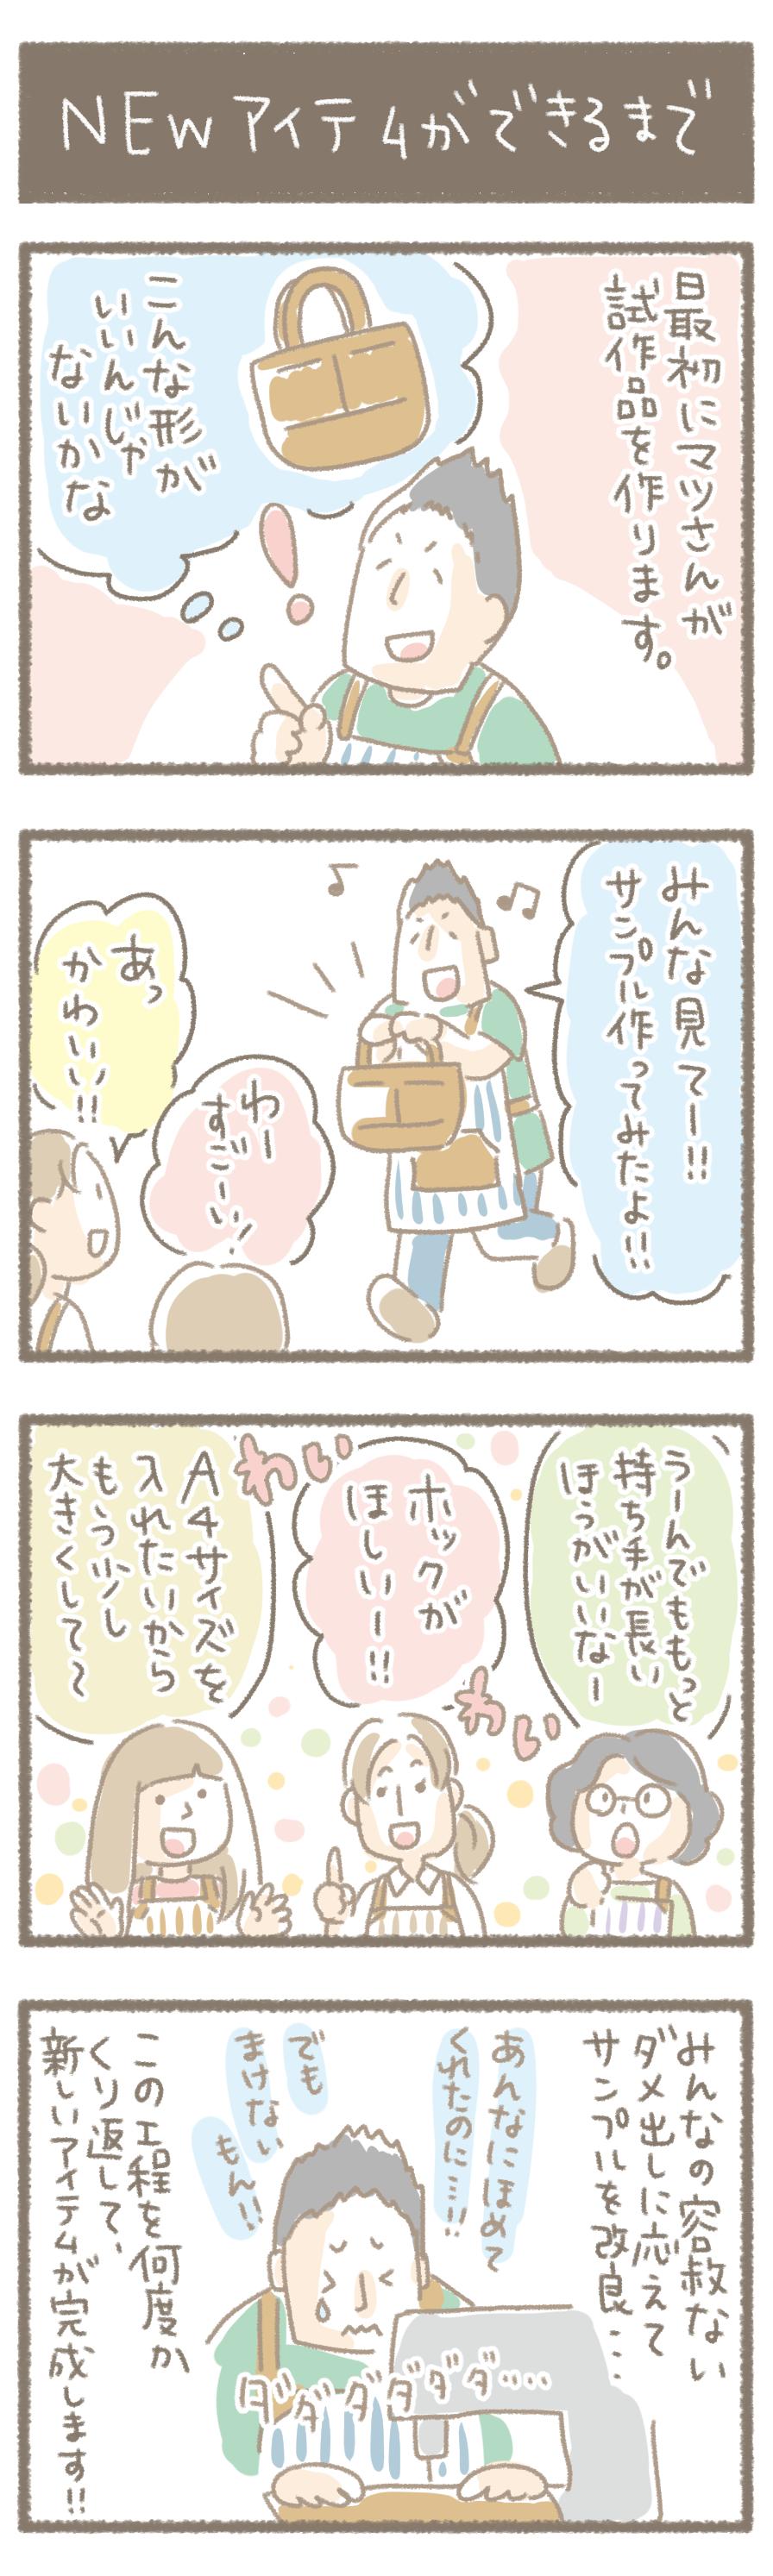 Kanmi.のある日②